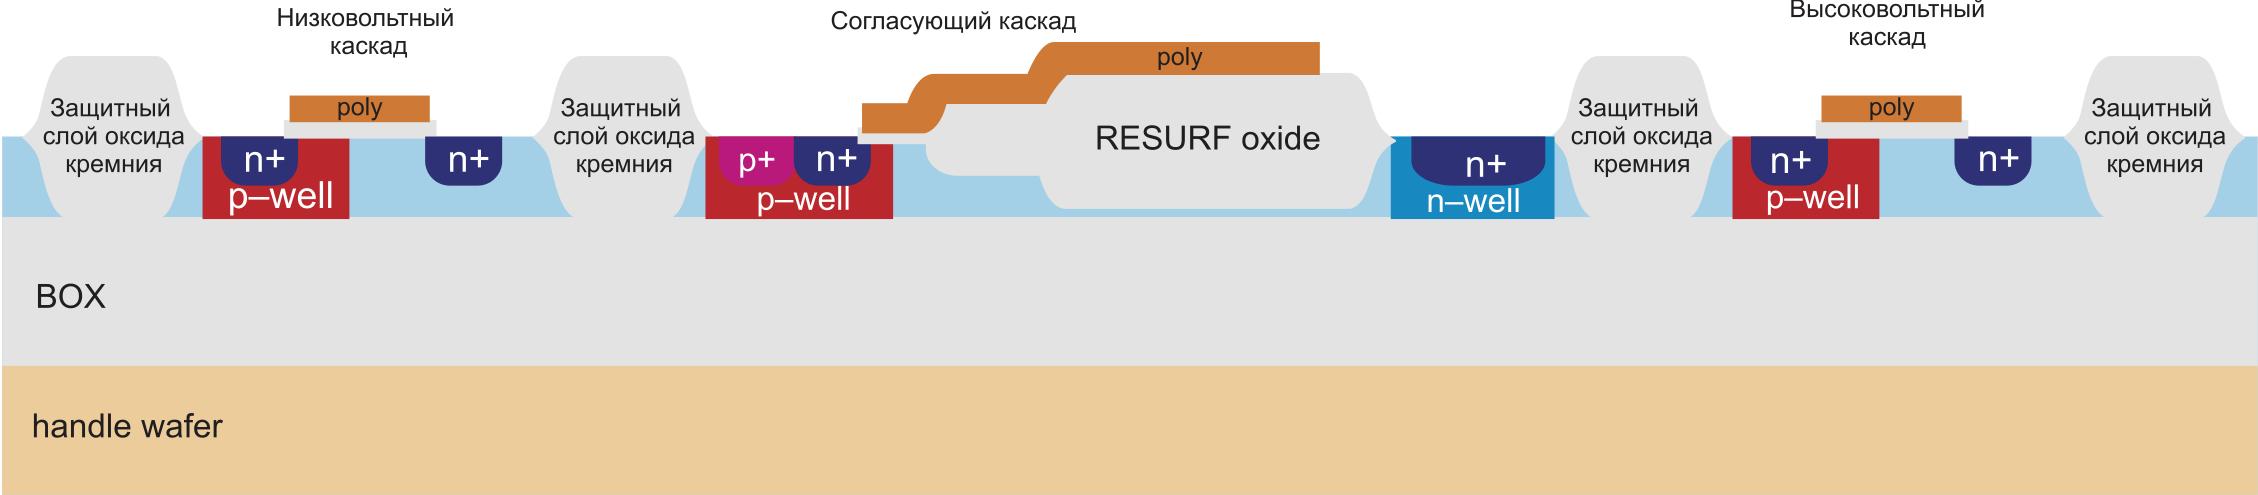 Поперечное сечение SOI-СMOS-структуры